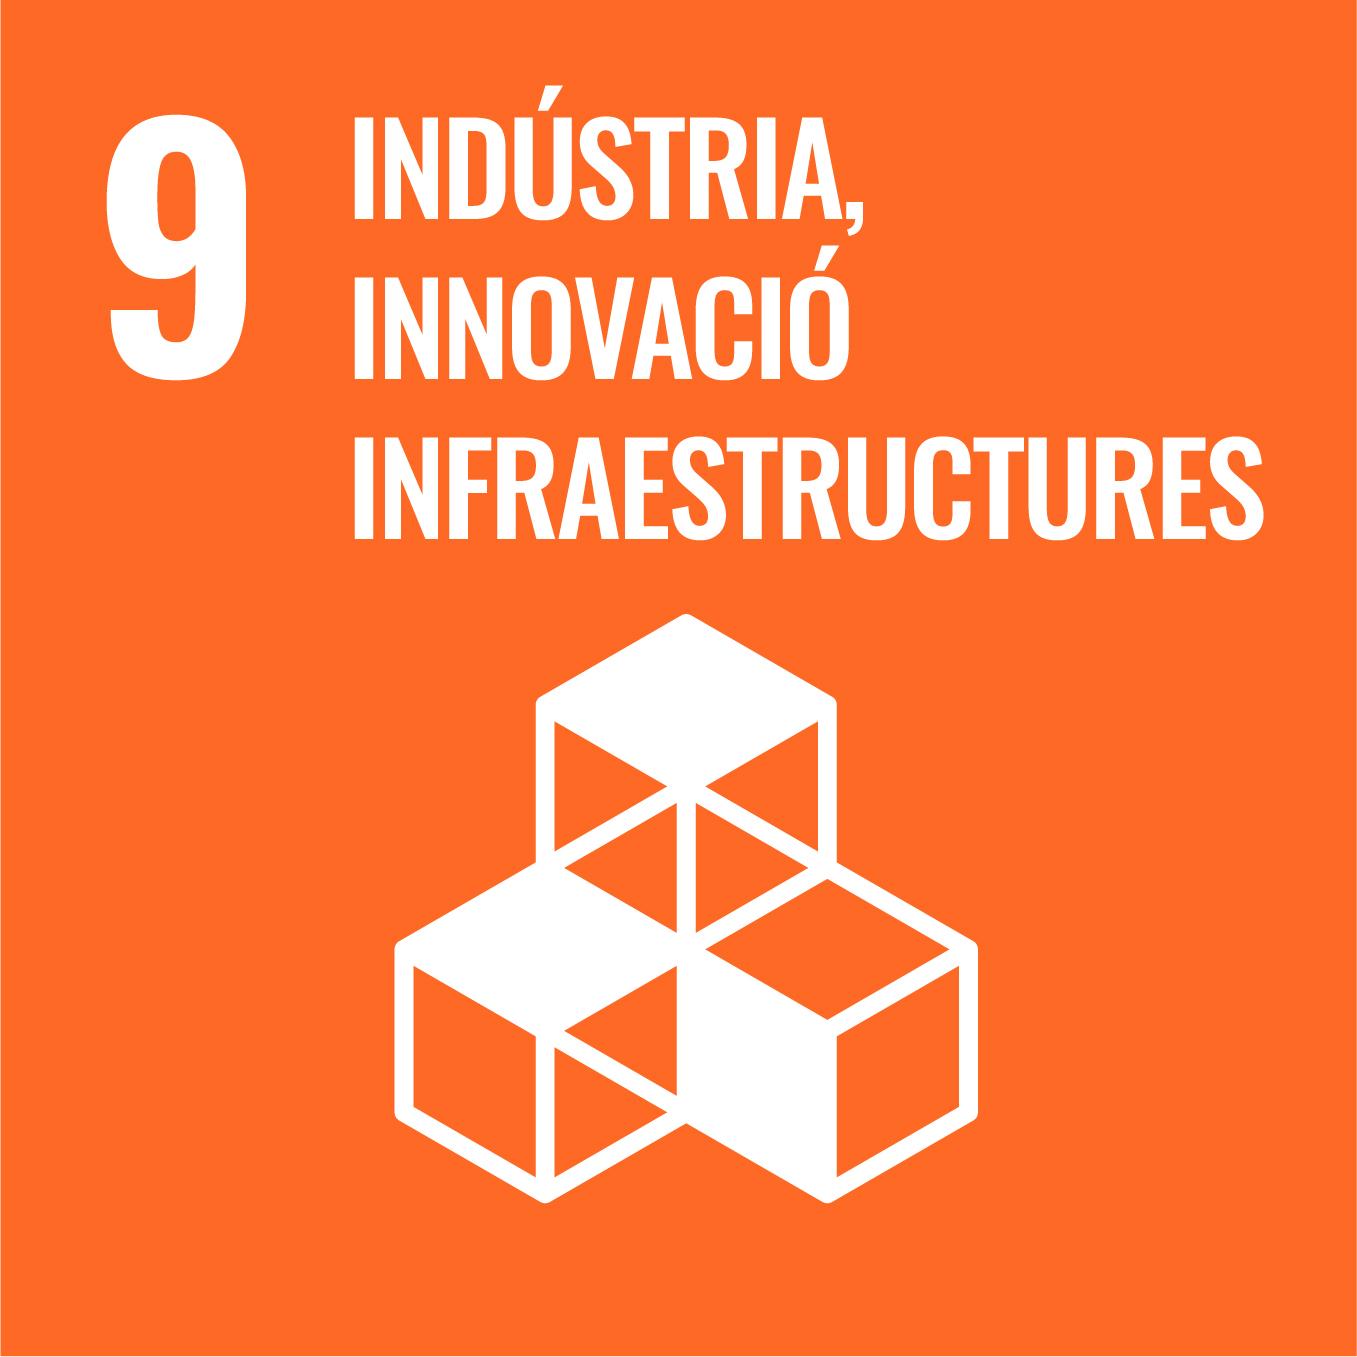 Indústria, Innovació i Infraestructures - Objectiu 9